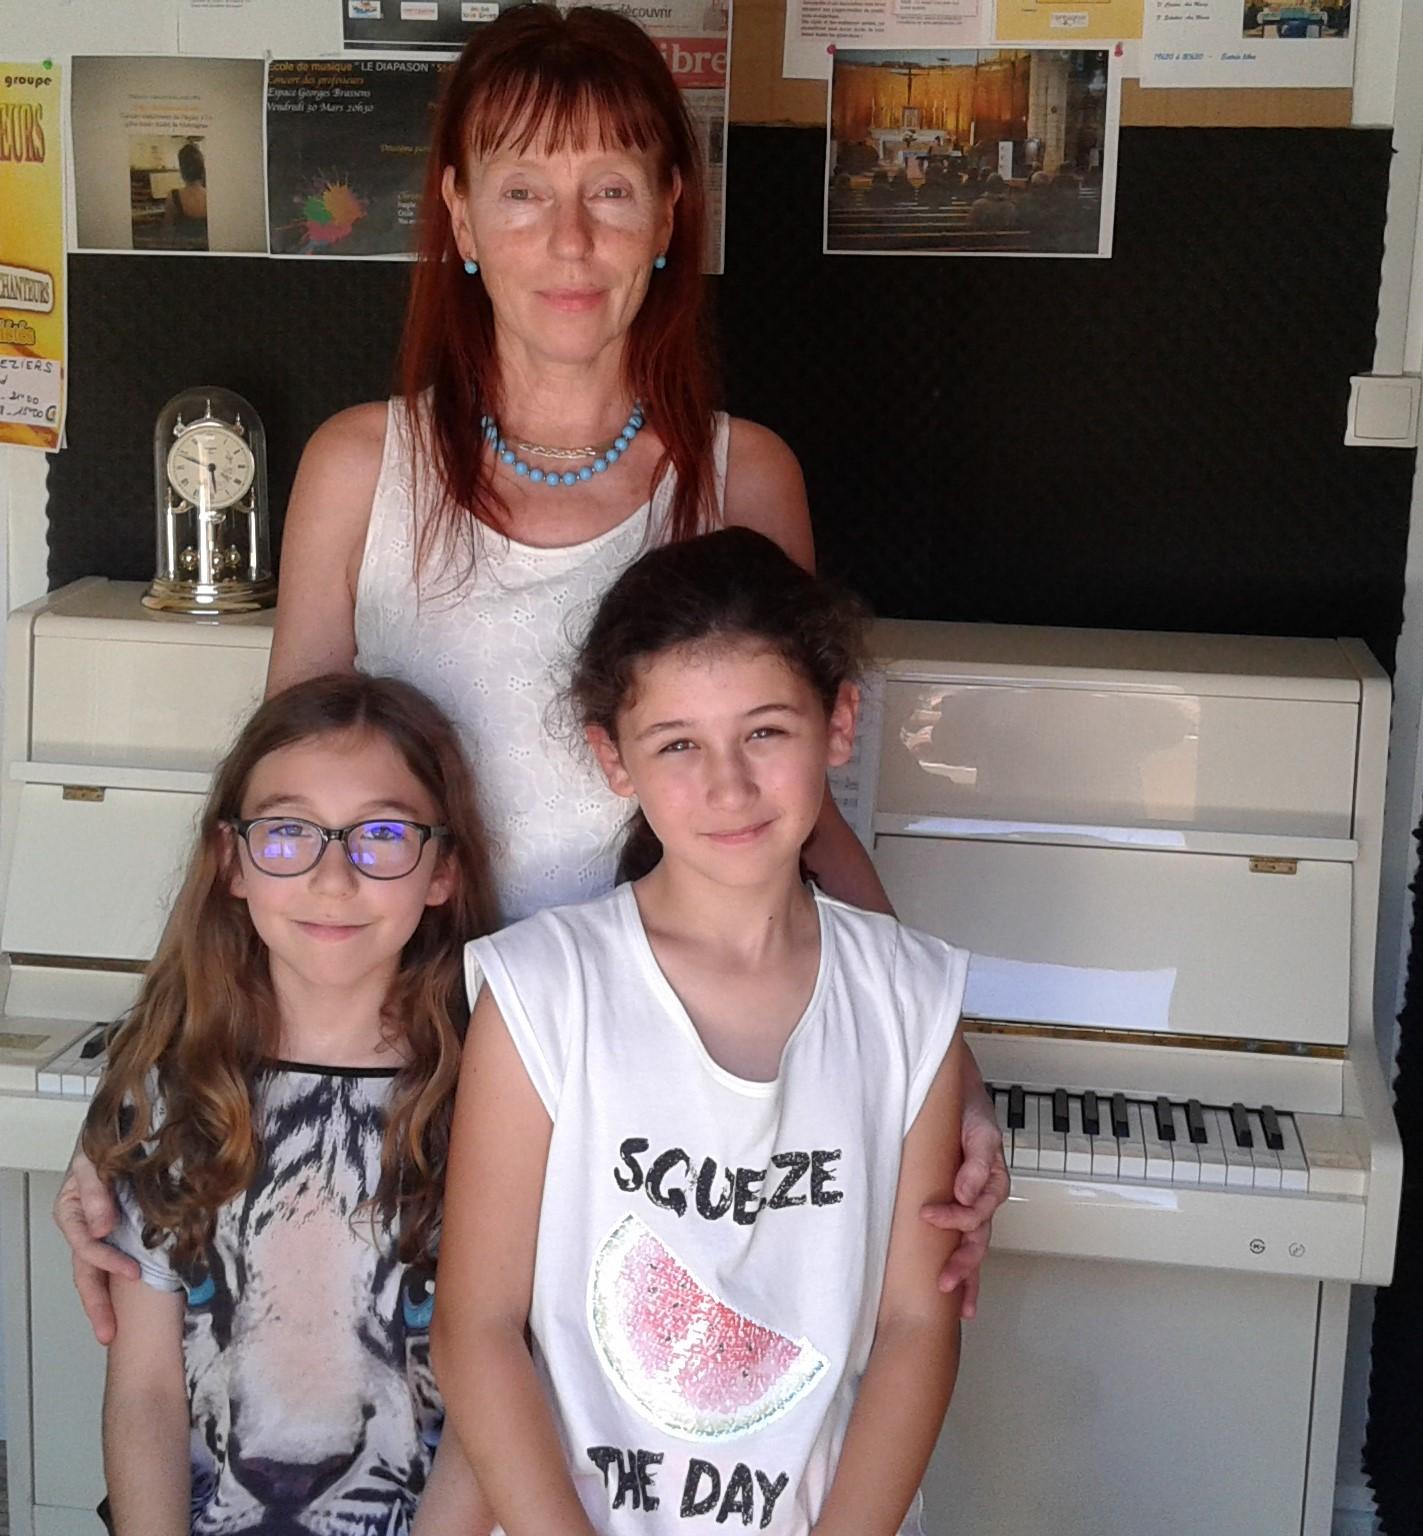 Cours de piano et chant Clérmont L'Hérault Cours particuliers de piano Cours de piano et chant